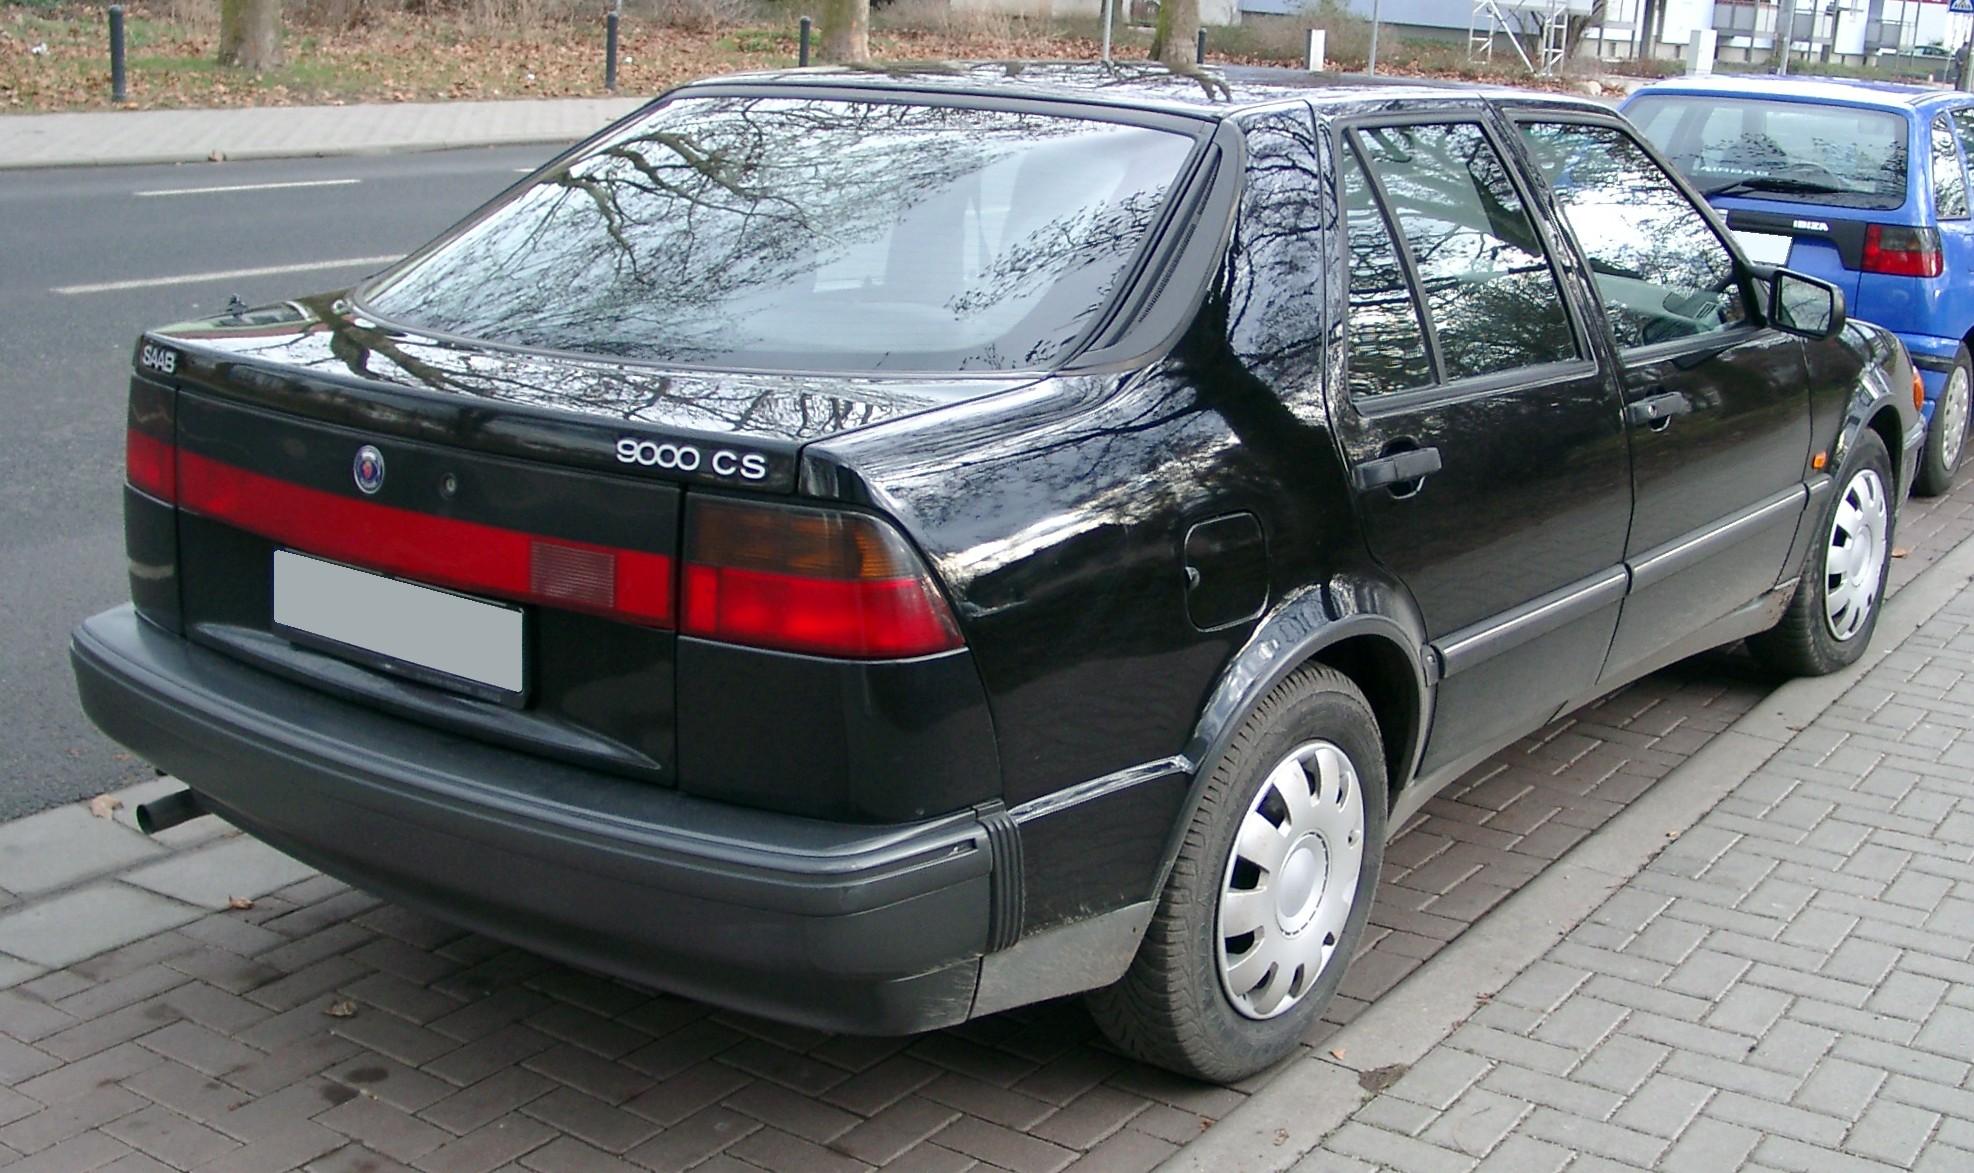 File Saab 9000 Cs Rear 20080111 Jpg